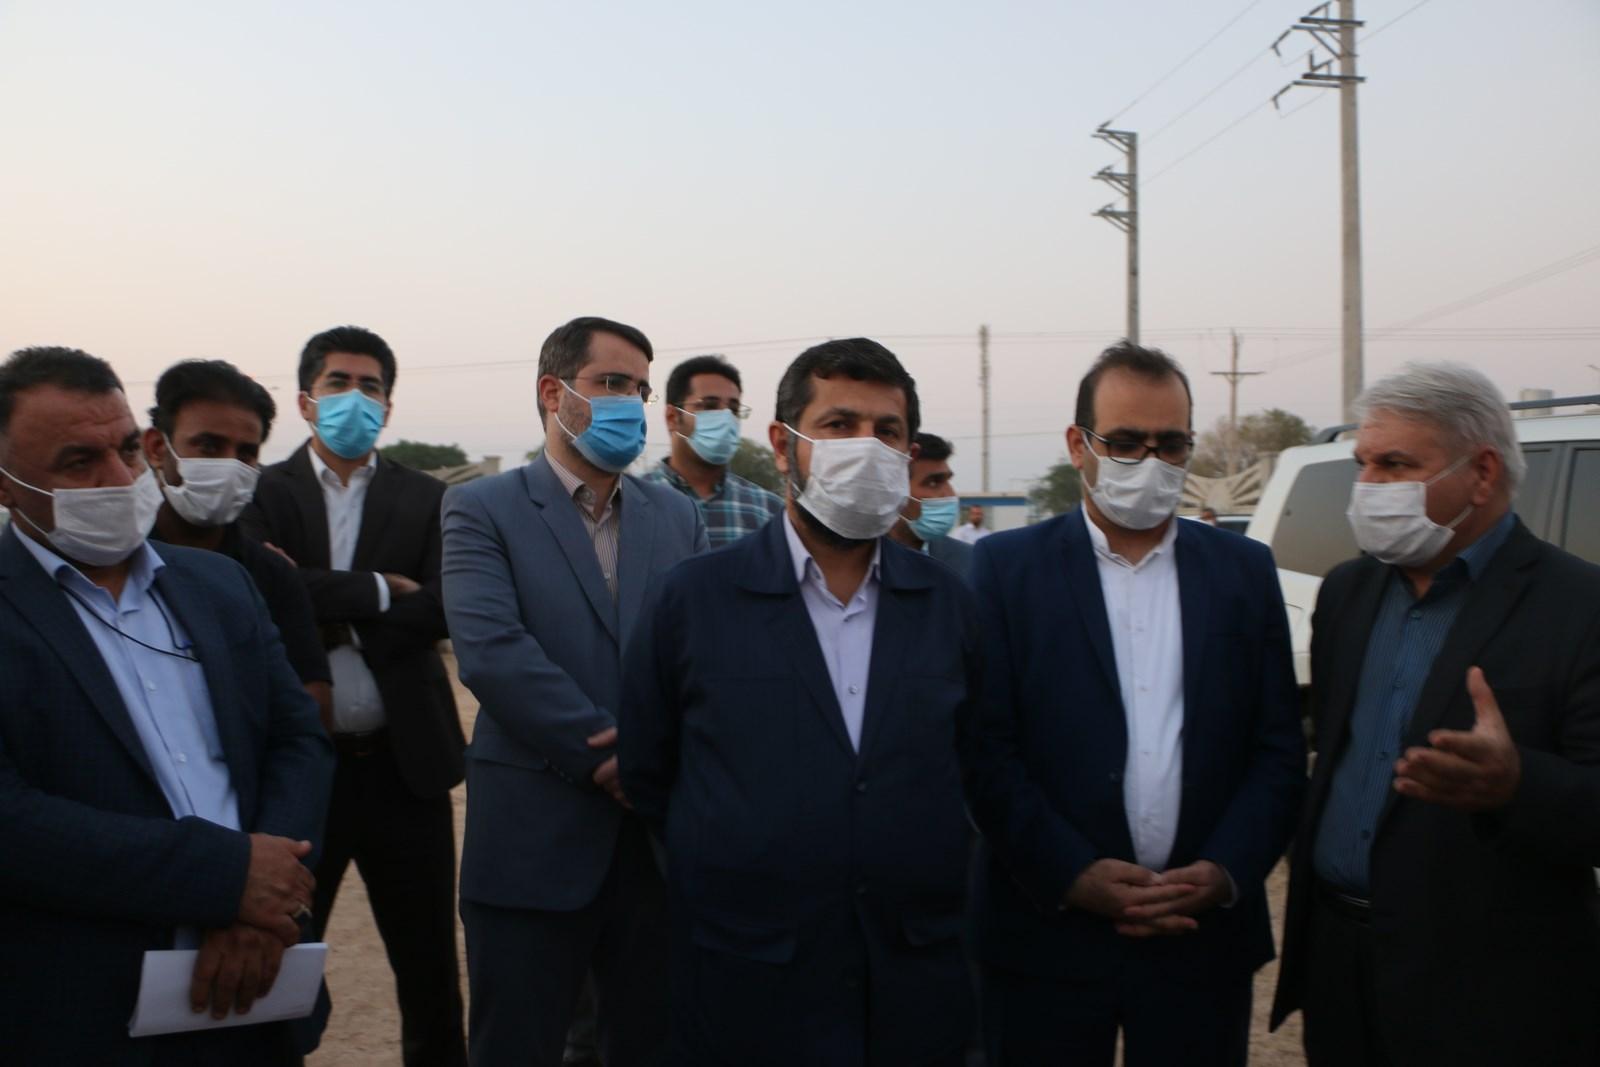 بازدید استاندار خوزستان از پروژه شهرک خودرویی کاریانا + گزارش تصویری